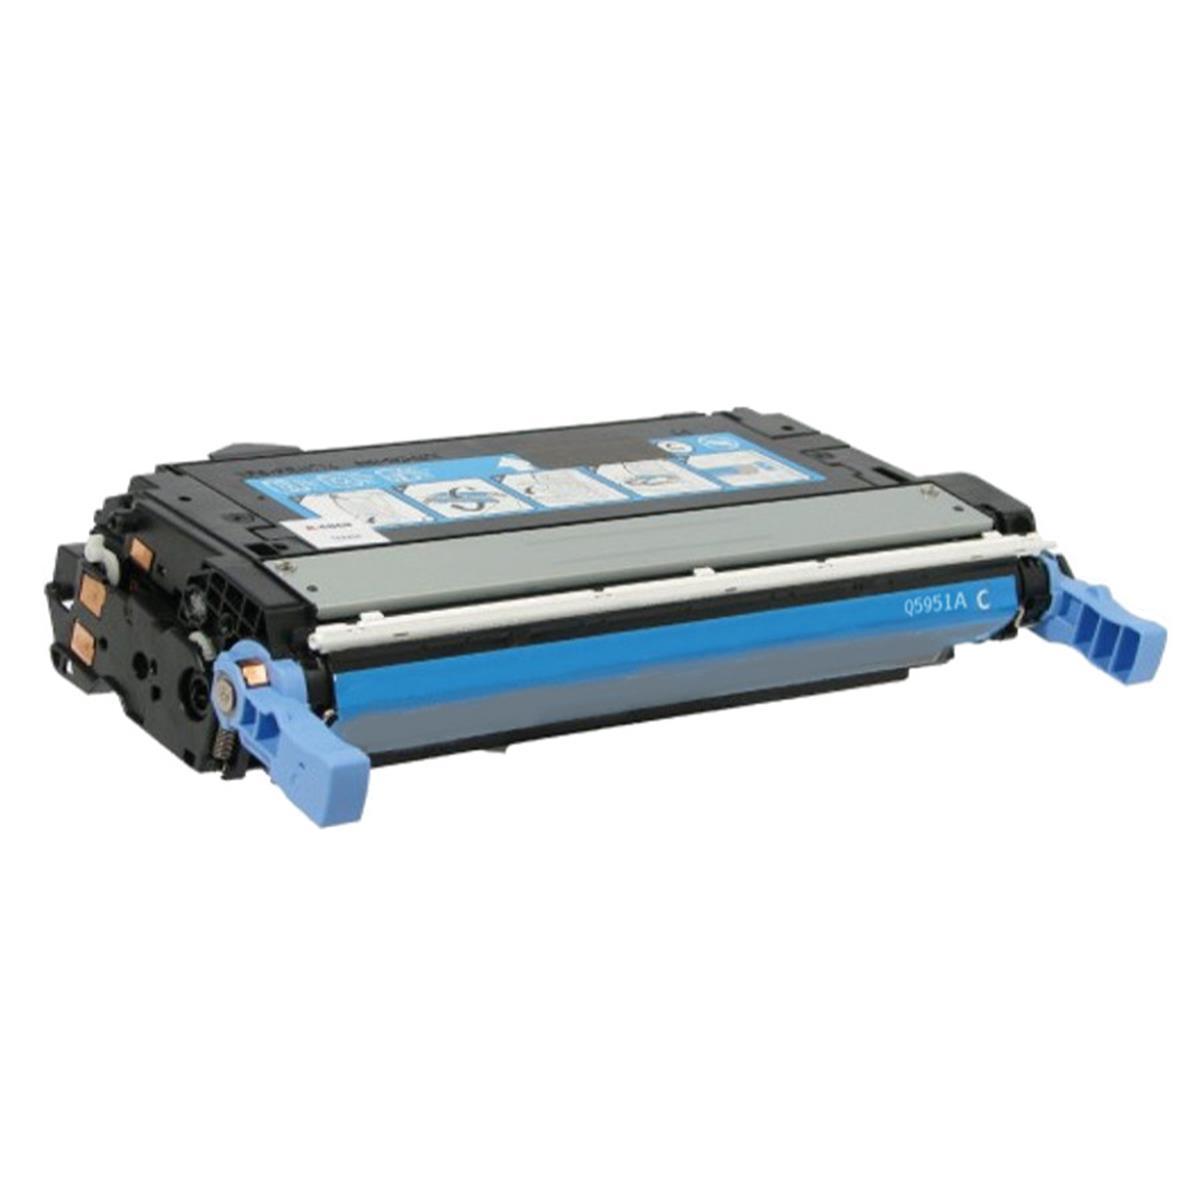 Toner Compatível HP C9721A Azul Nº641A